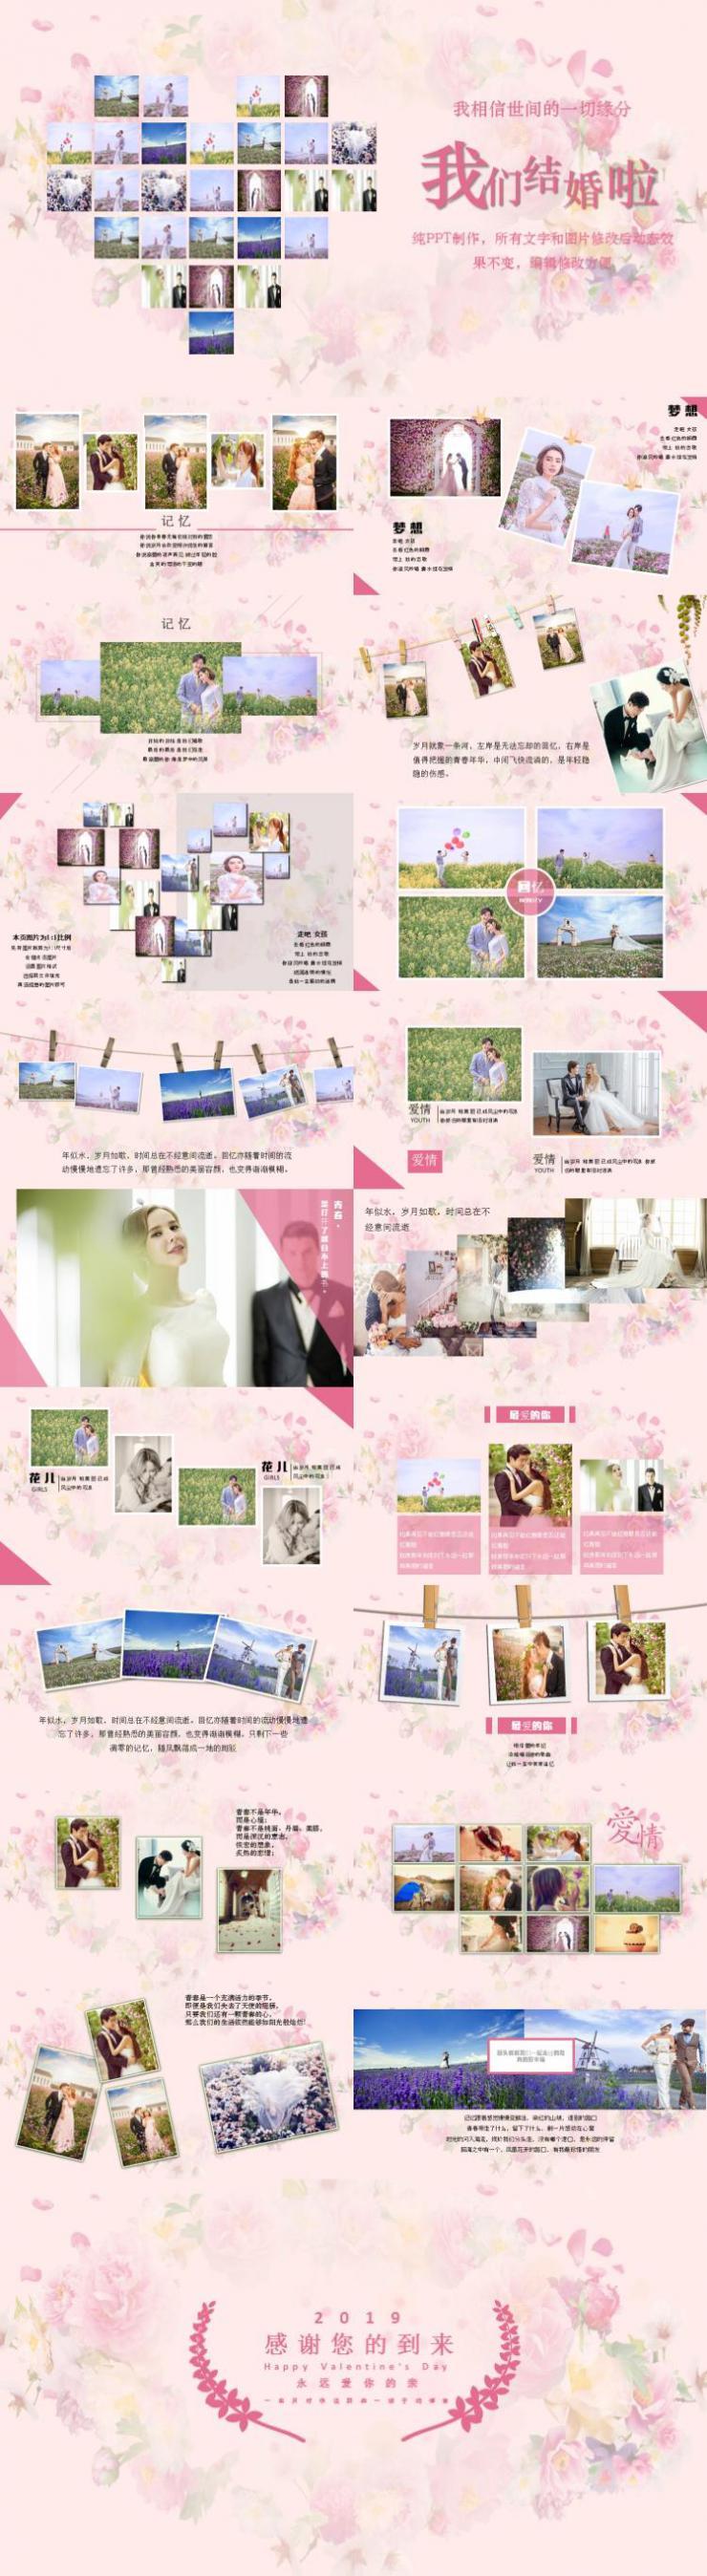 2019婚礼电子相册PPT模板下载